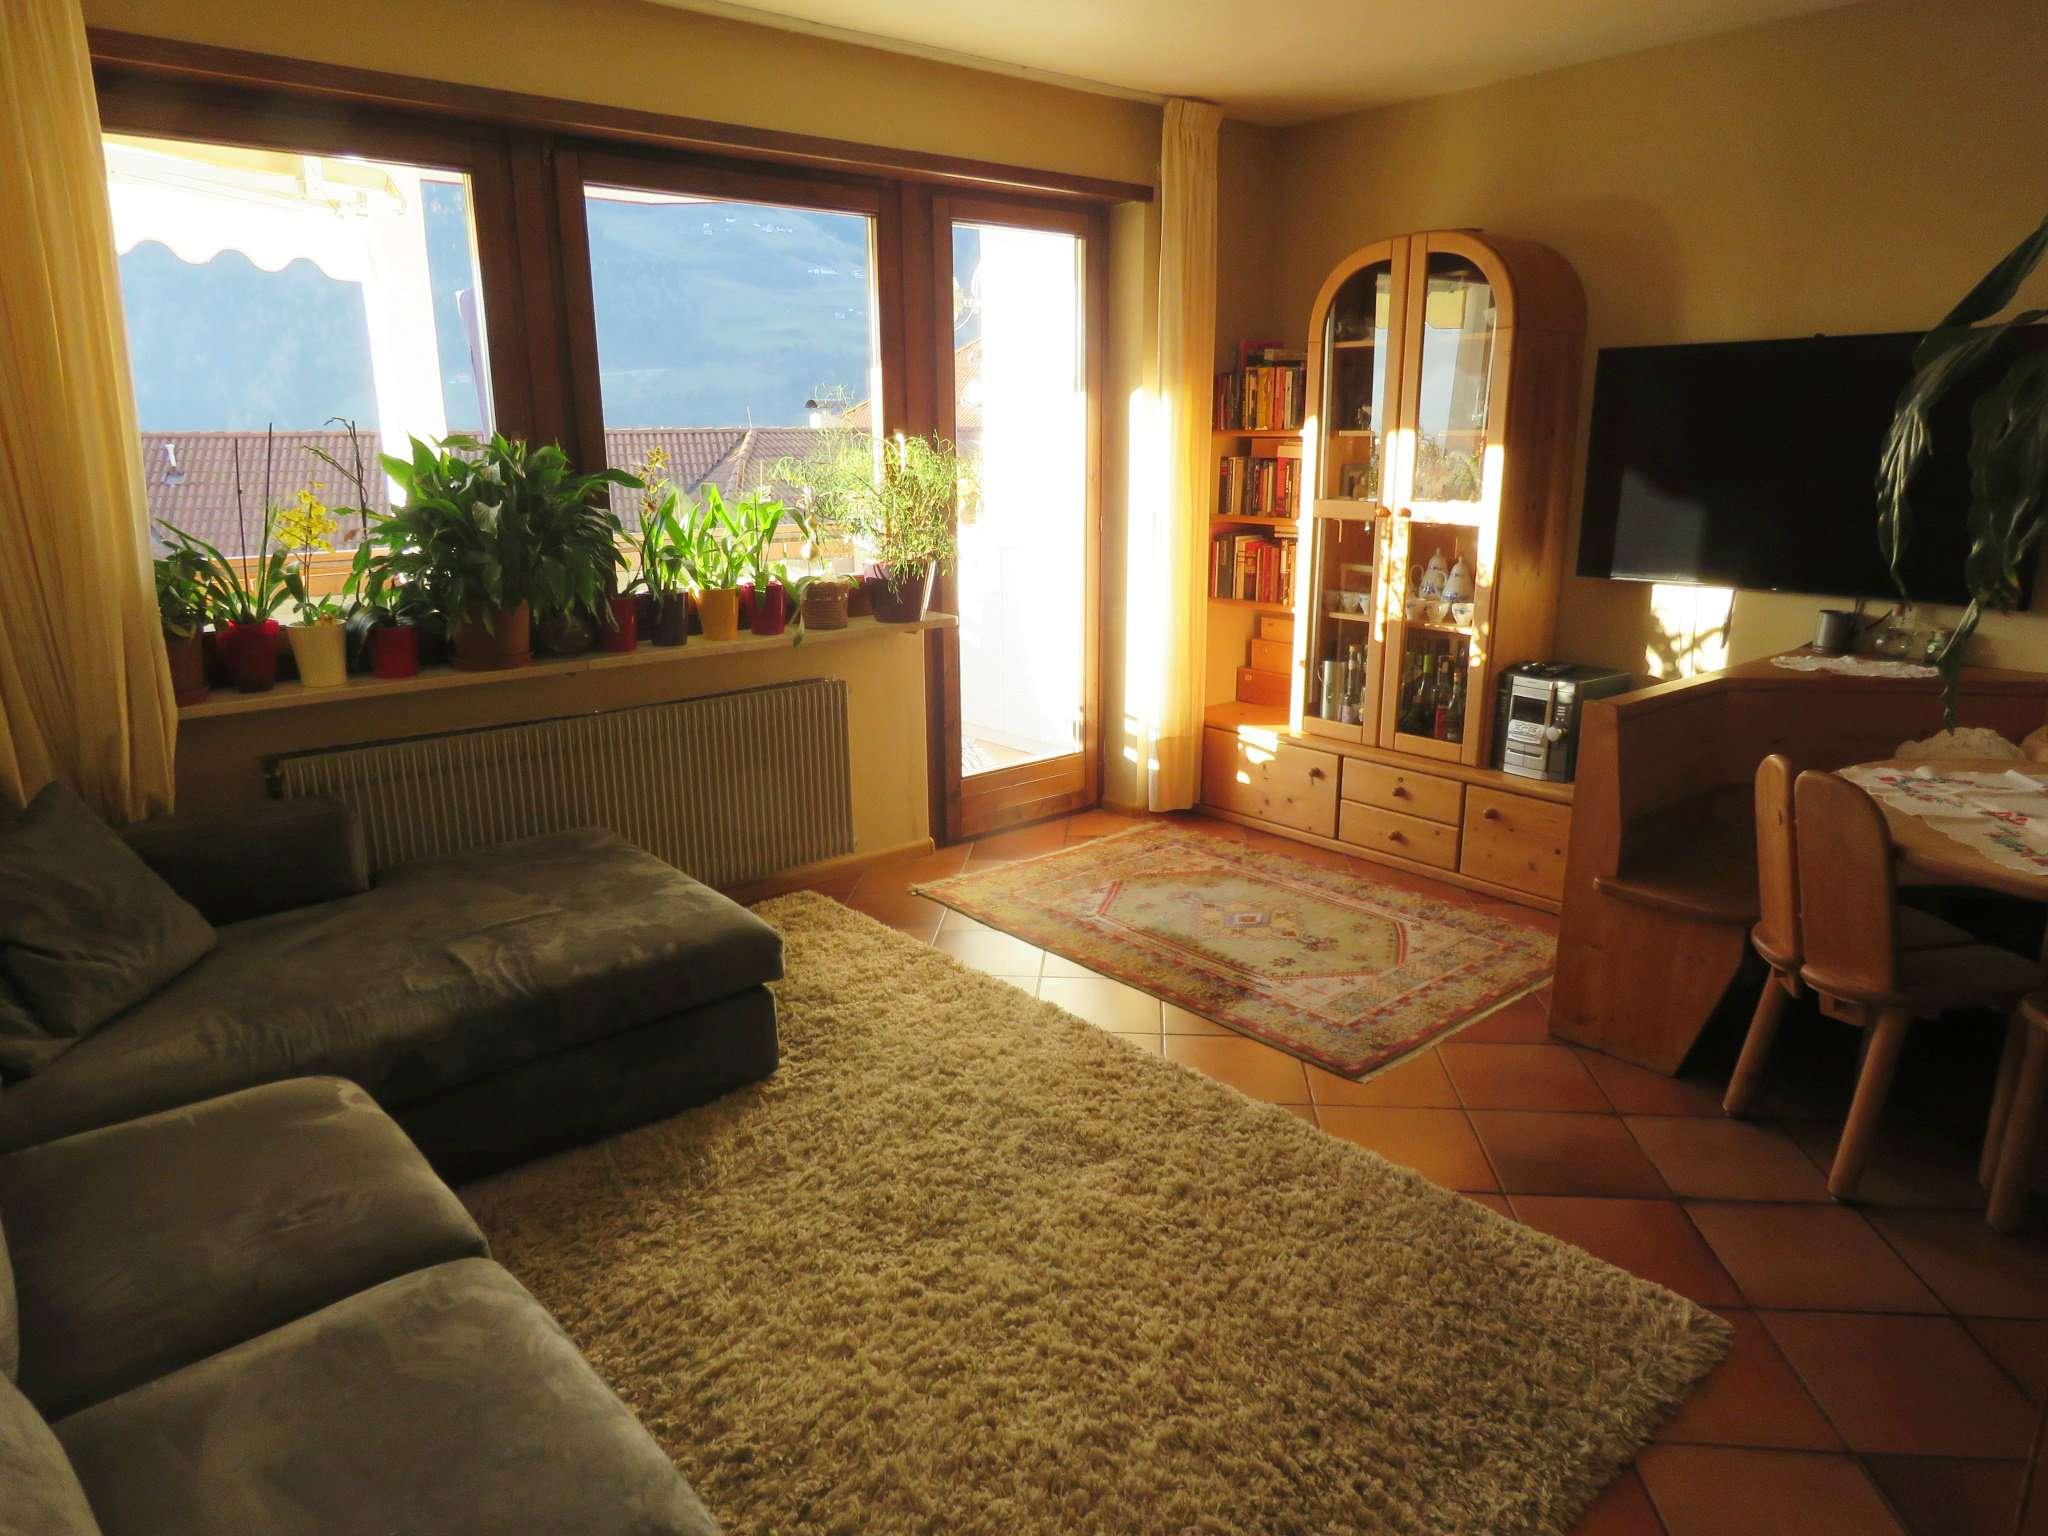 Appartamento in vendita a Scena, 3 locali, prezzo € 200.000 | Cambio Casa.it